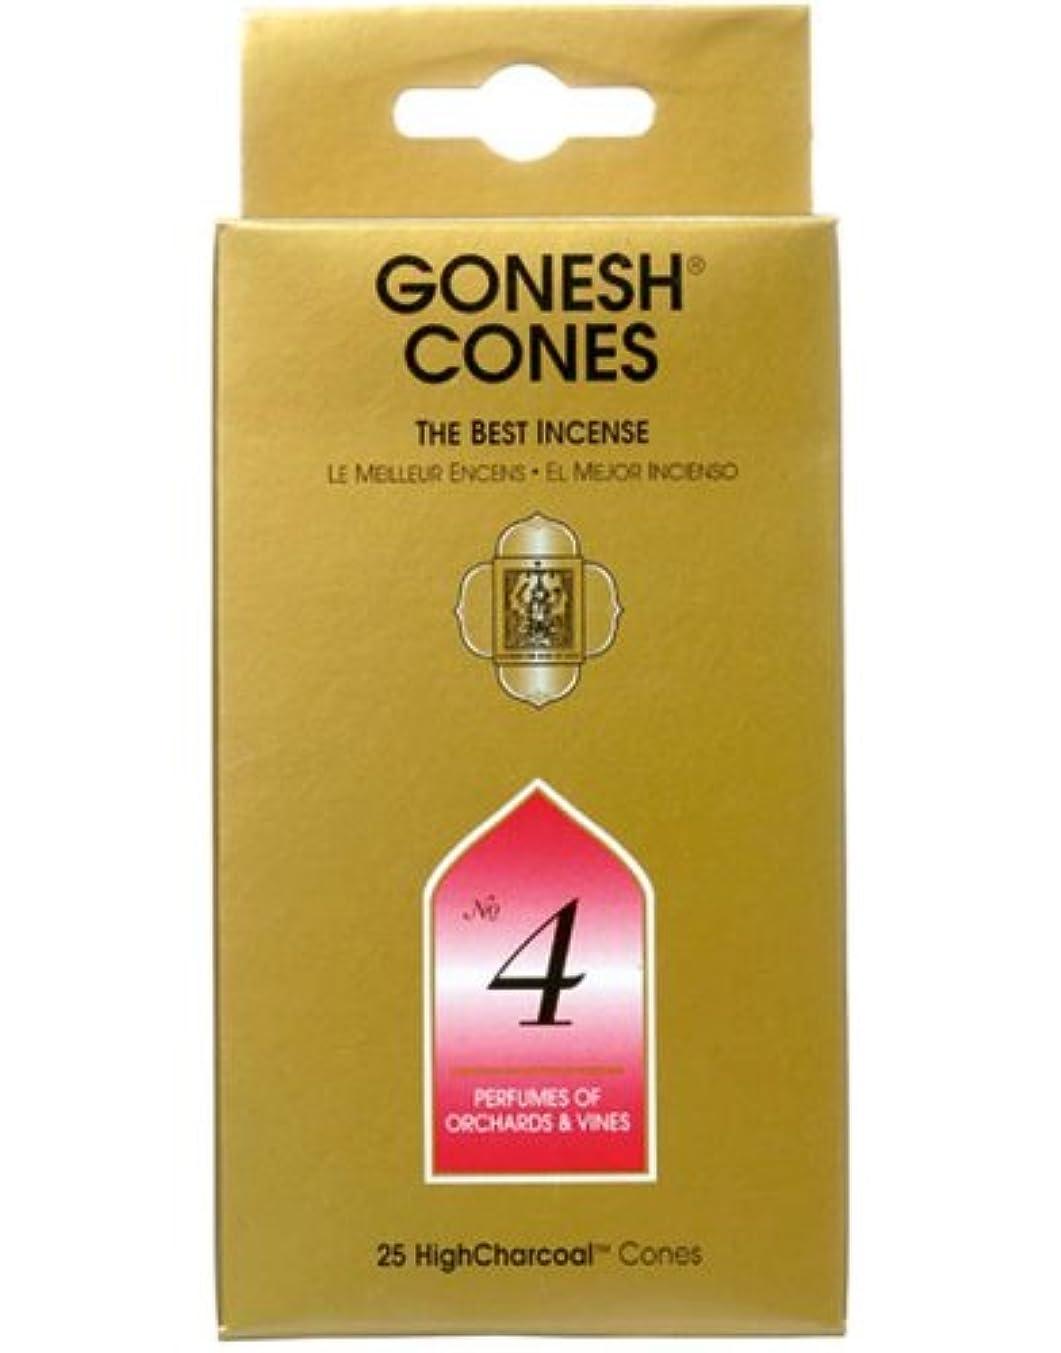 深さ引き出すシーフードガーネッシュ(GONESH) ナンバー インセンス コーン No.4 25個入(お香)